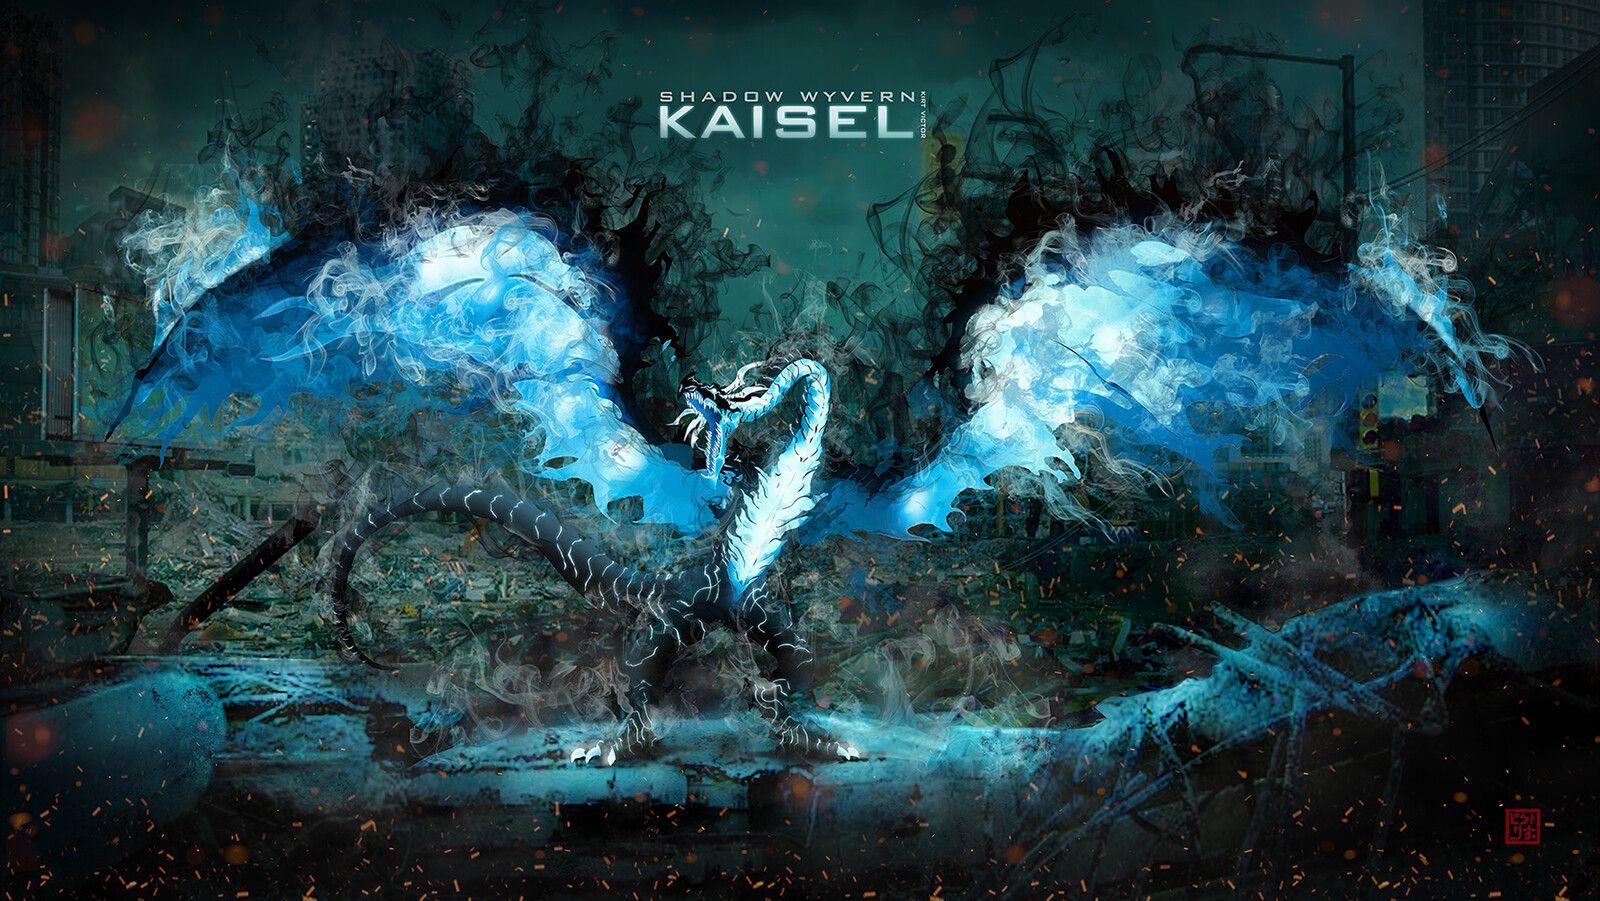 KAISEL SOLO LEVELING WALLPAPER, Kirt Victor